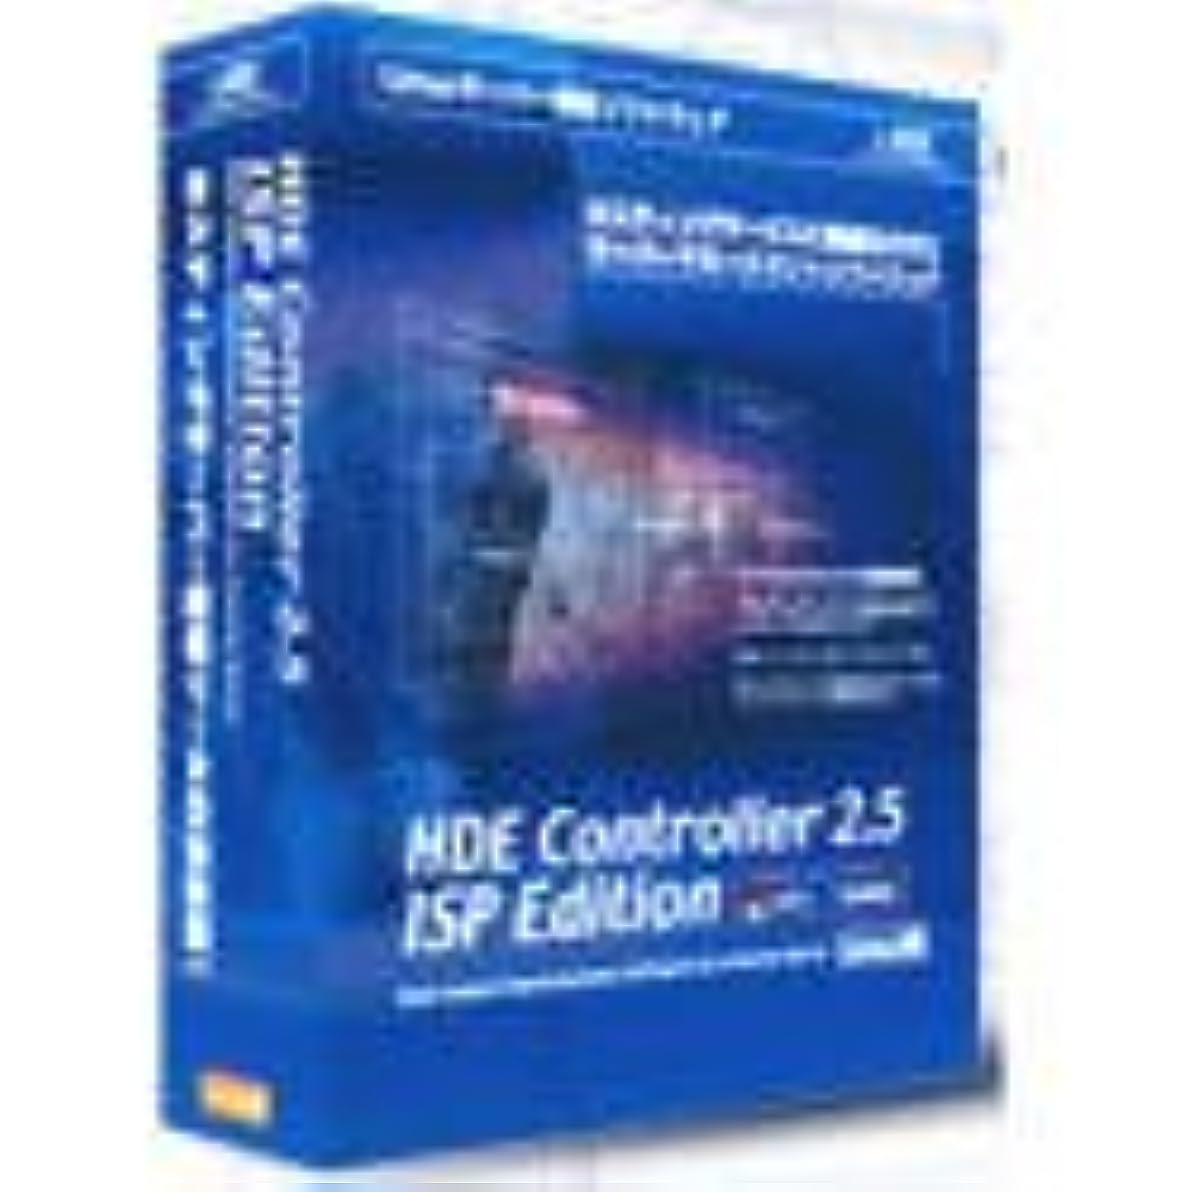 原油インスタンス放棄HDE Controller 2.5 ISP Edition Linux版 アカデミック版